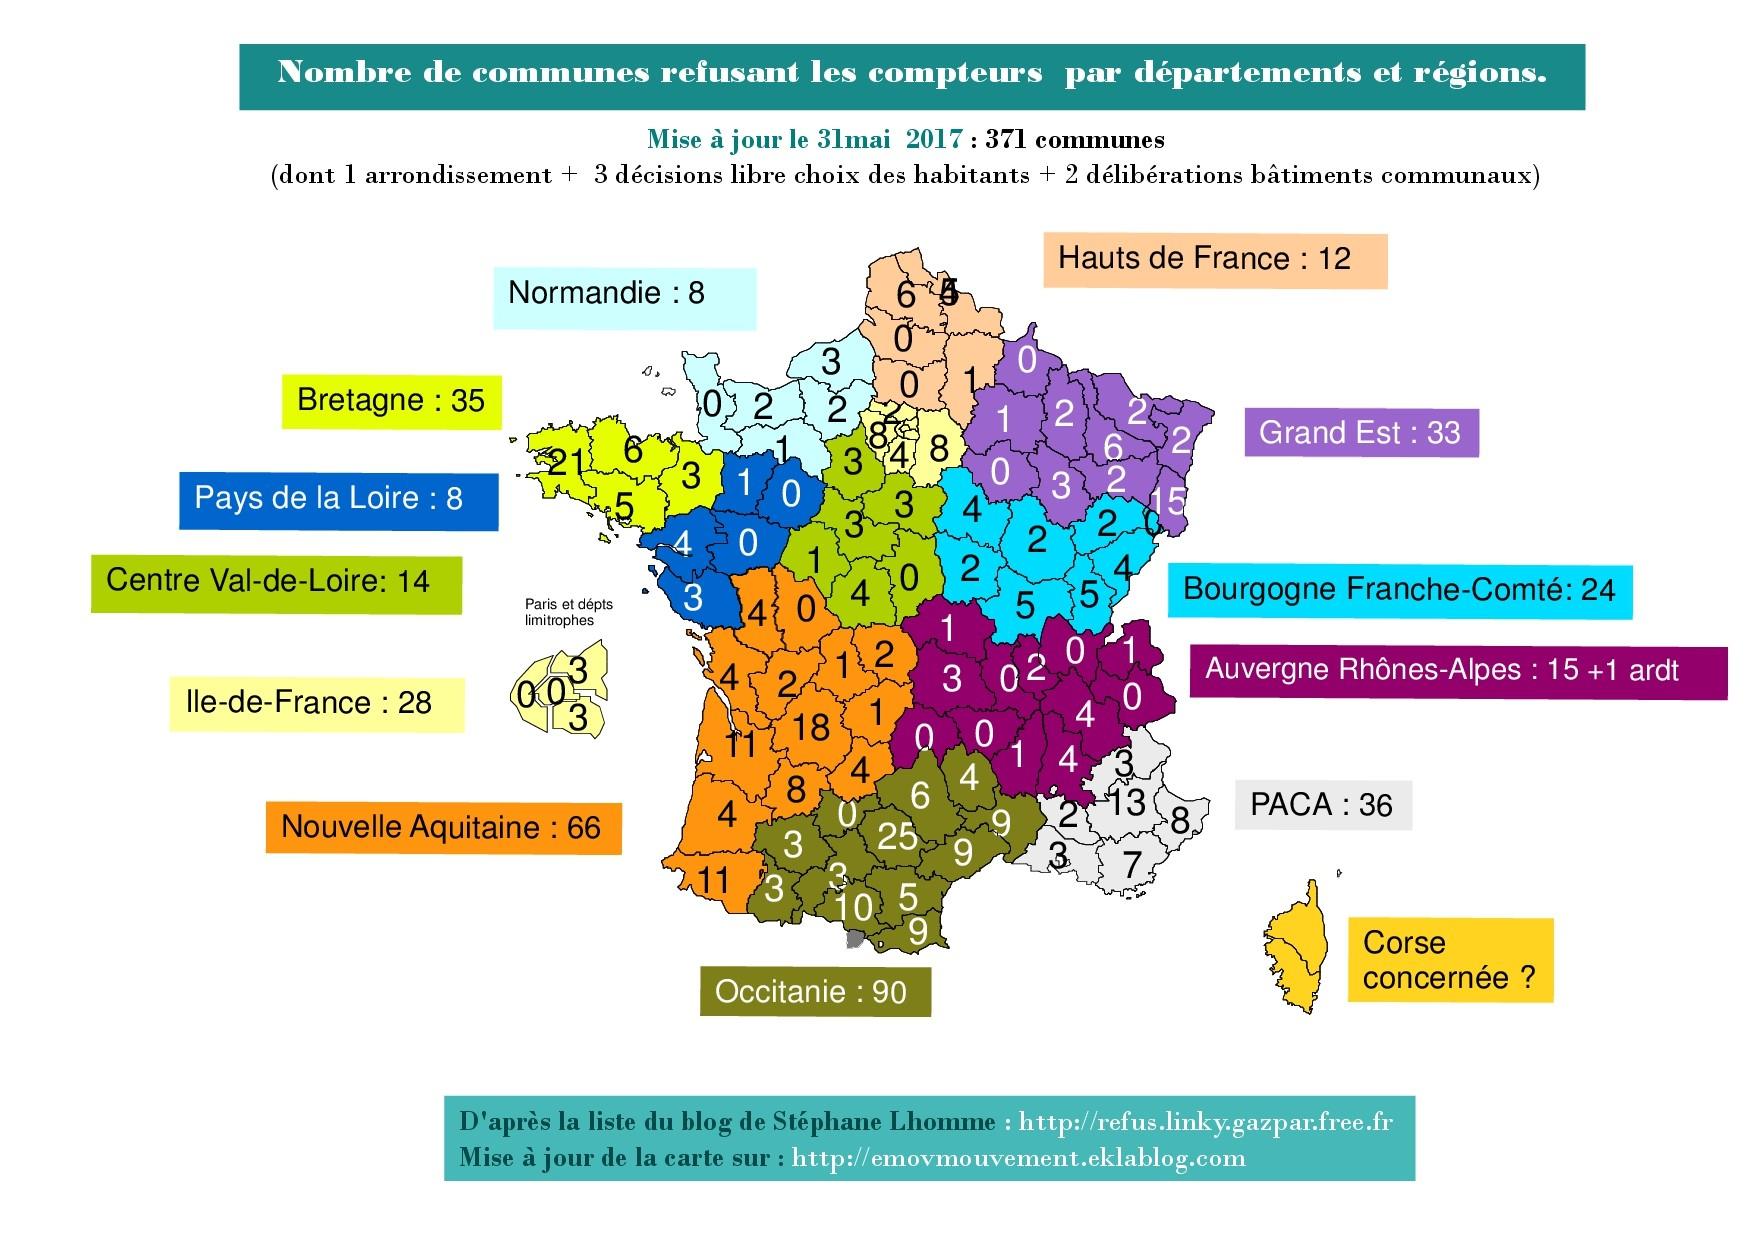 Carte De France Refus Linky Juin 2017 | L'association L concernant Carte Des Départements De France 2017